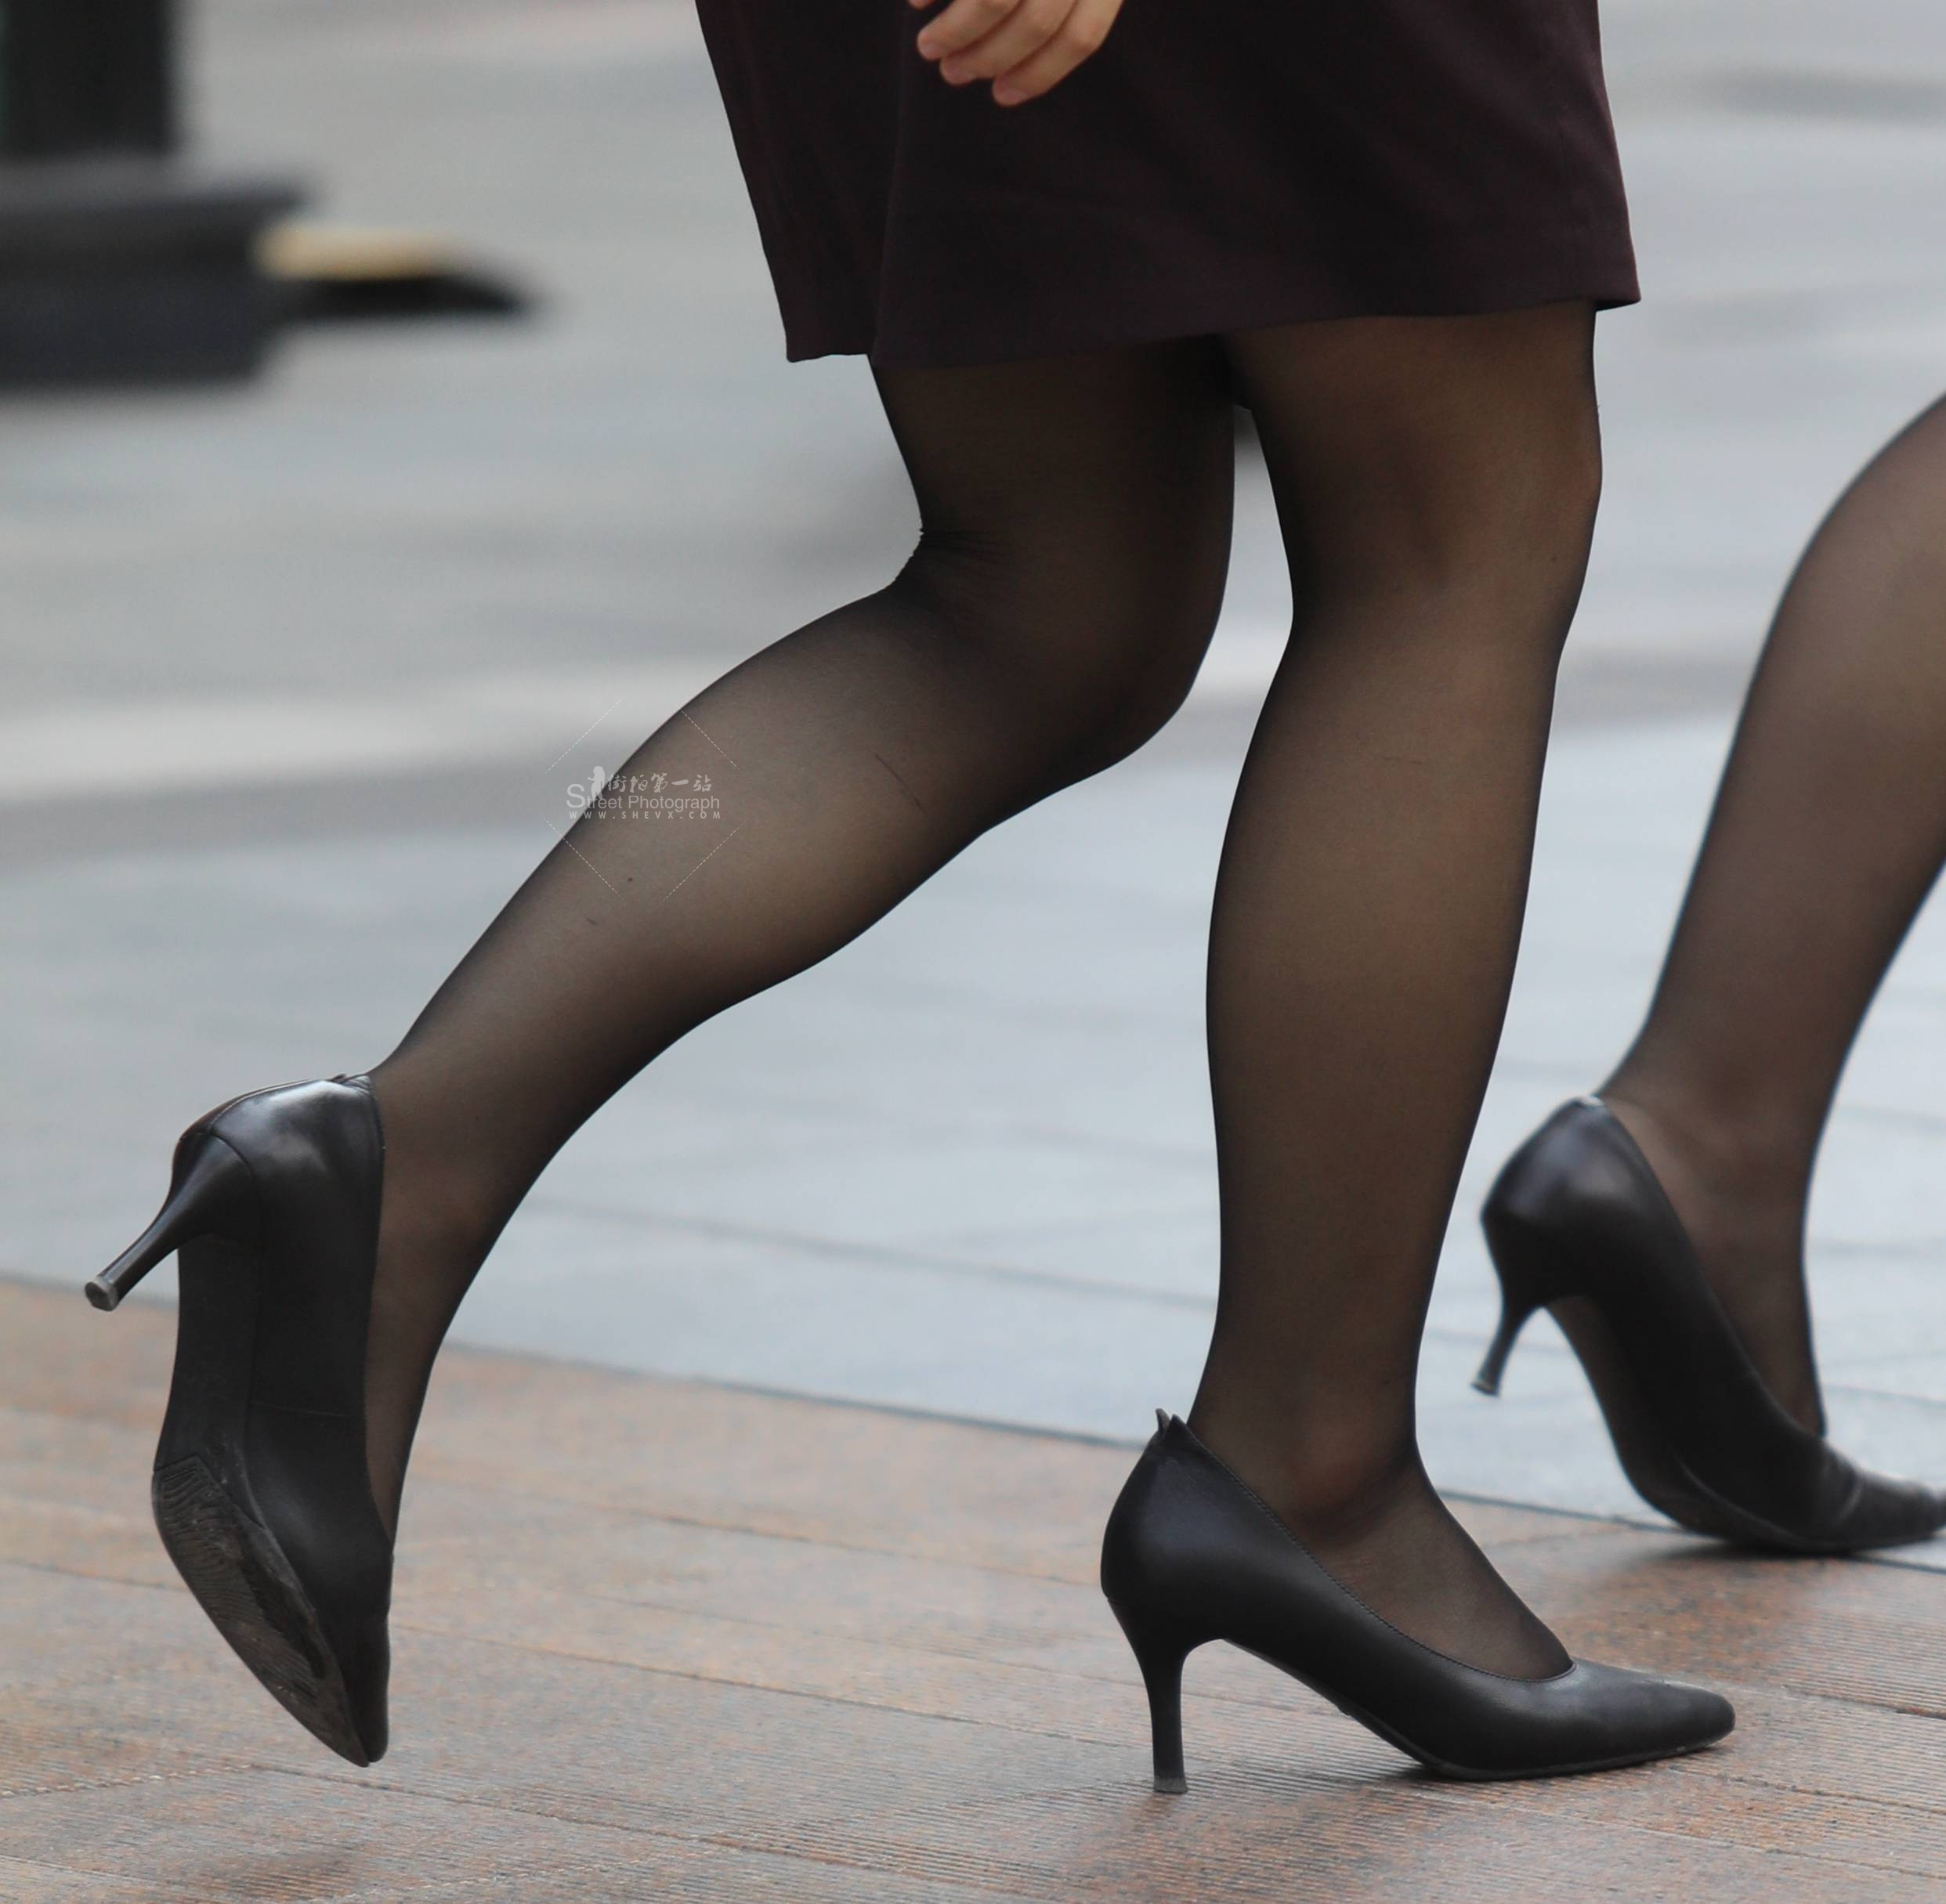 街拍黑丝,街拍OL,街拍高跟,街拍黑丝高跟 【珏一笑而过】 黑丝高跟OL 最新街拍丝袜图片 街拍丝袜第一站